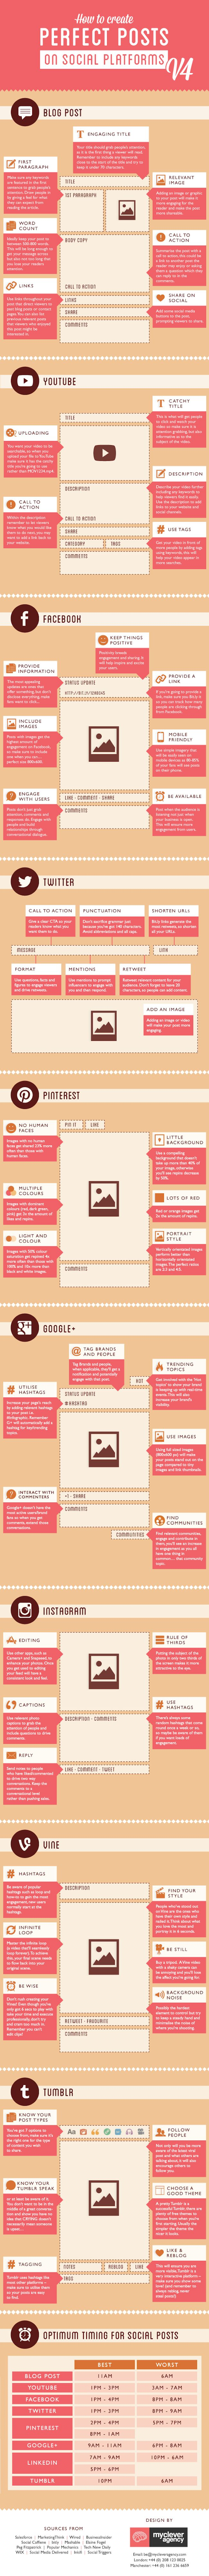 Des idées pour optimiser vos posts sur les différents réseaux sociaux